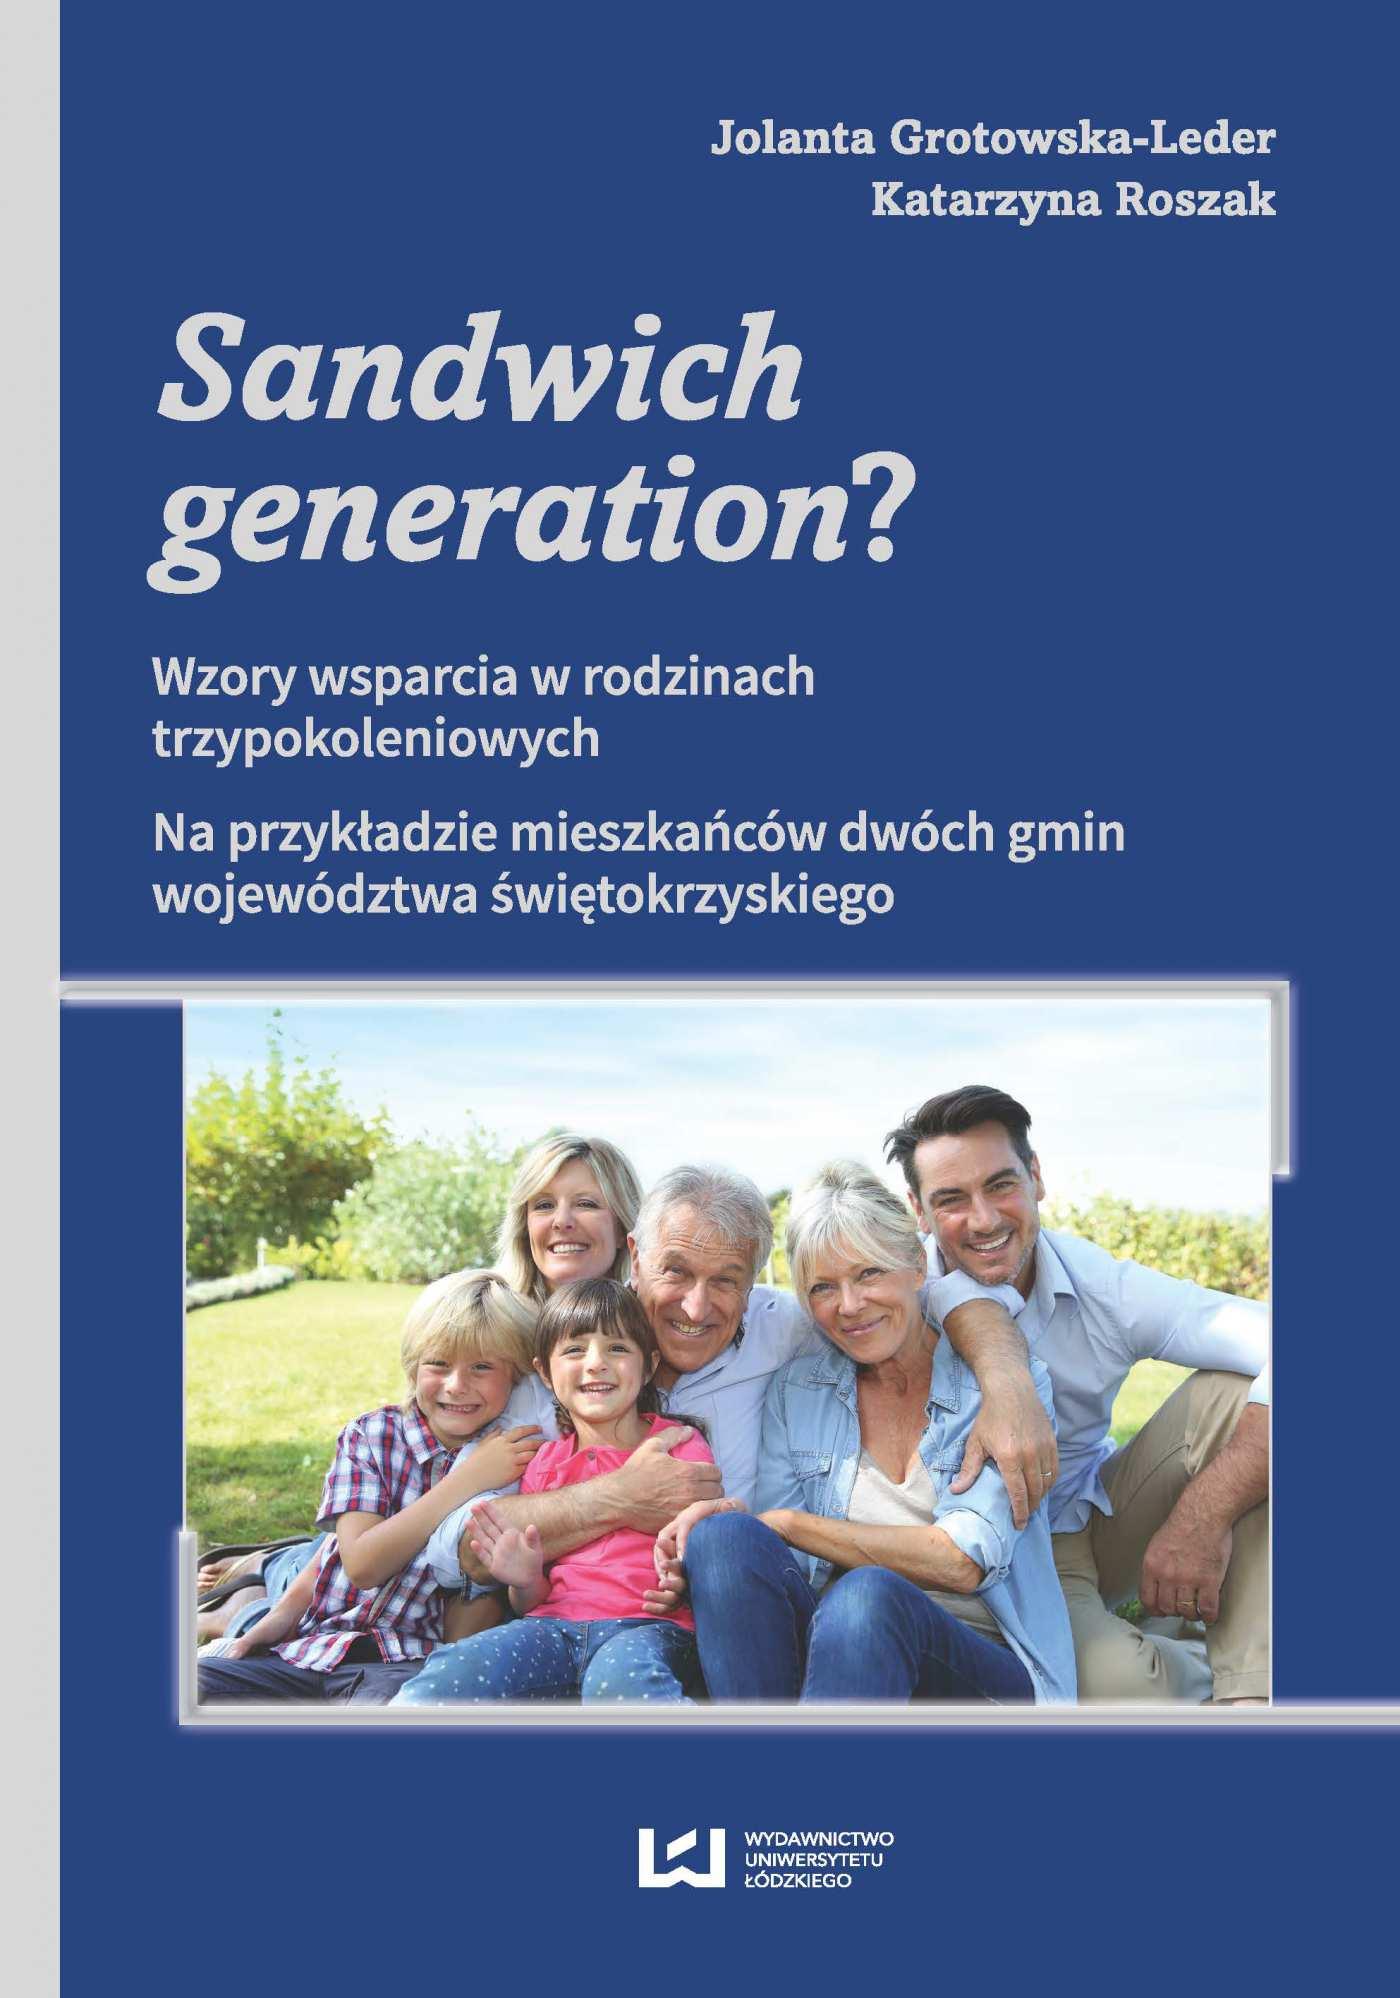 Sandwich generation? Wzory wsparcia w rodzinach trzypokoleniowych. Na przykładzie mieszkańców dwóch gmin województwa świętokrzyskiego - Ebook (Książka PDF) do pobrania w formacie PDF